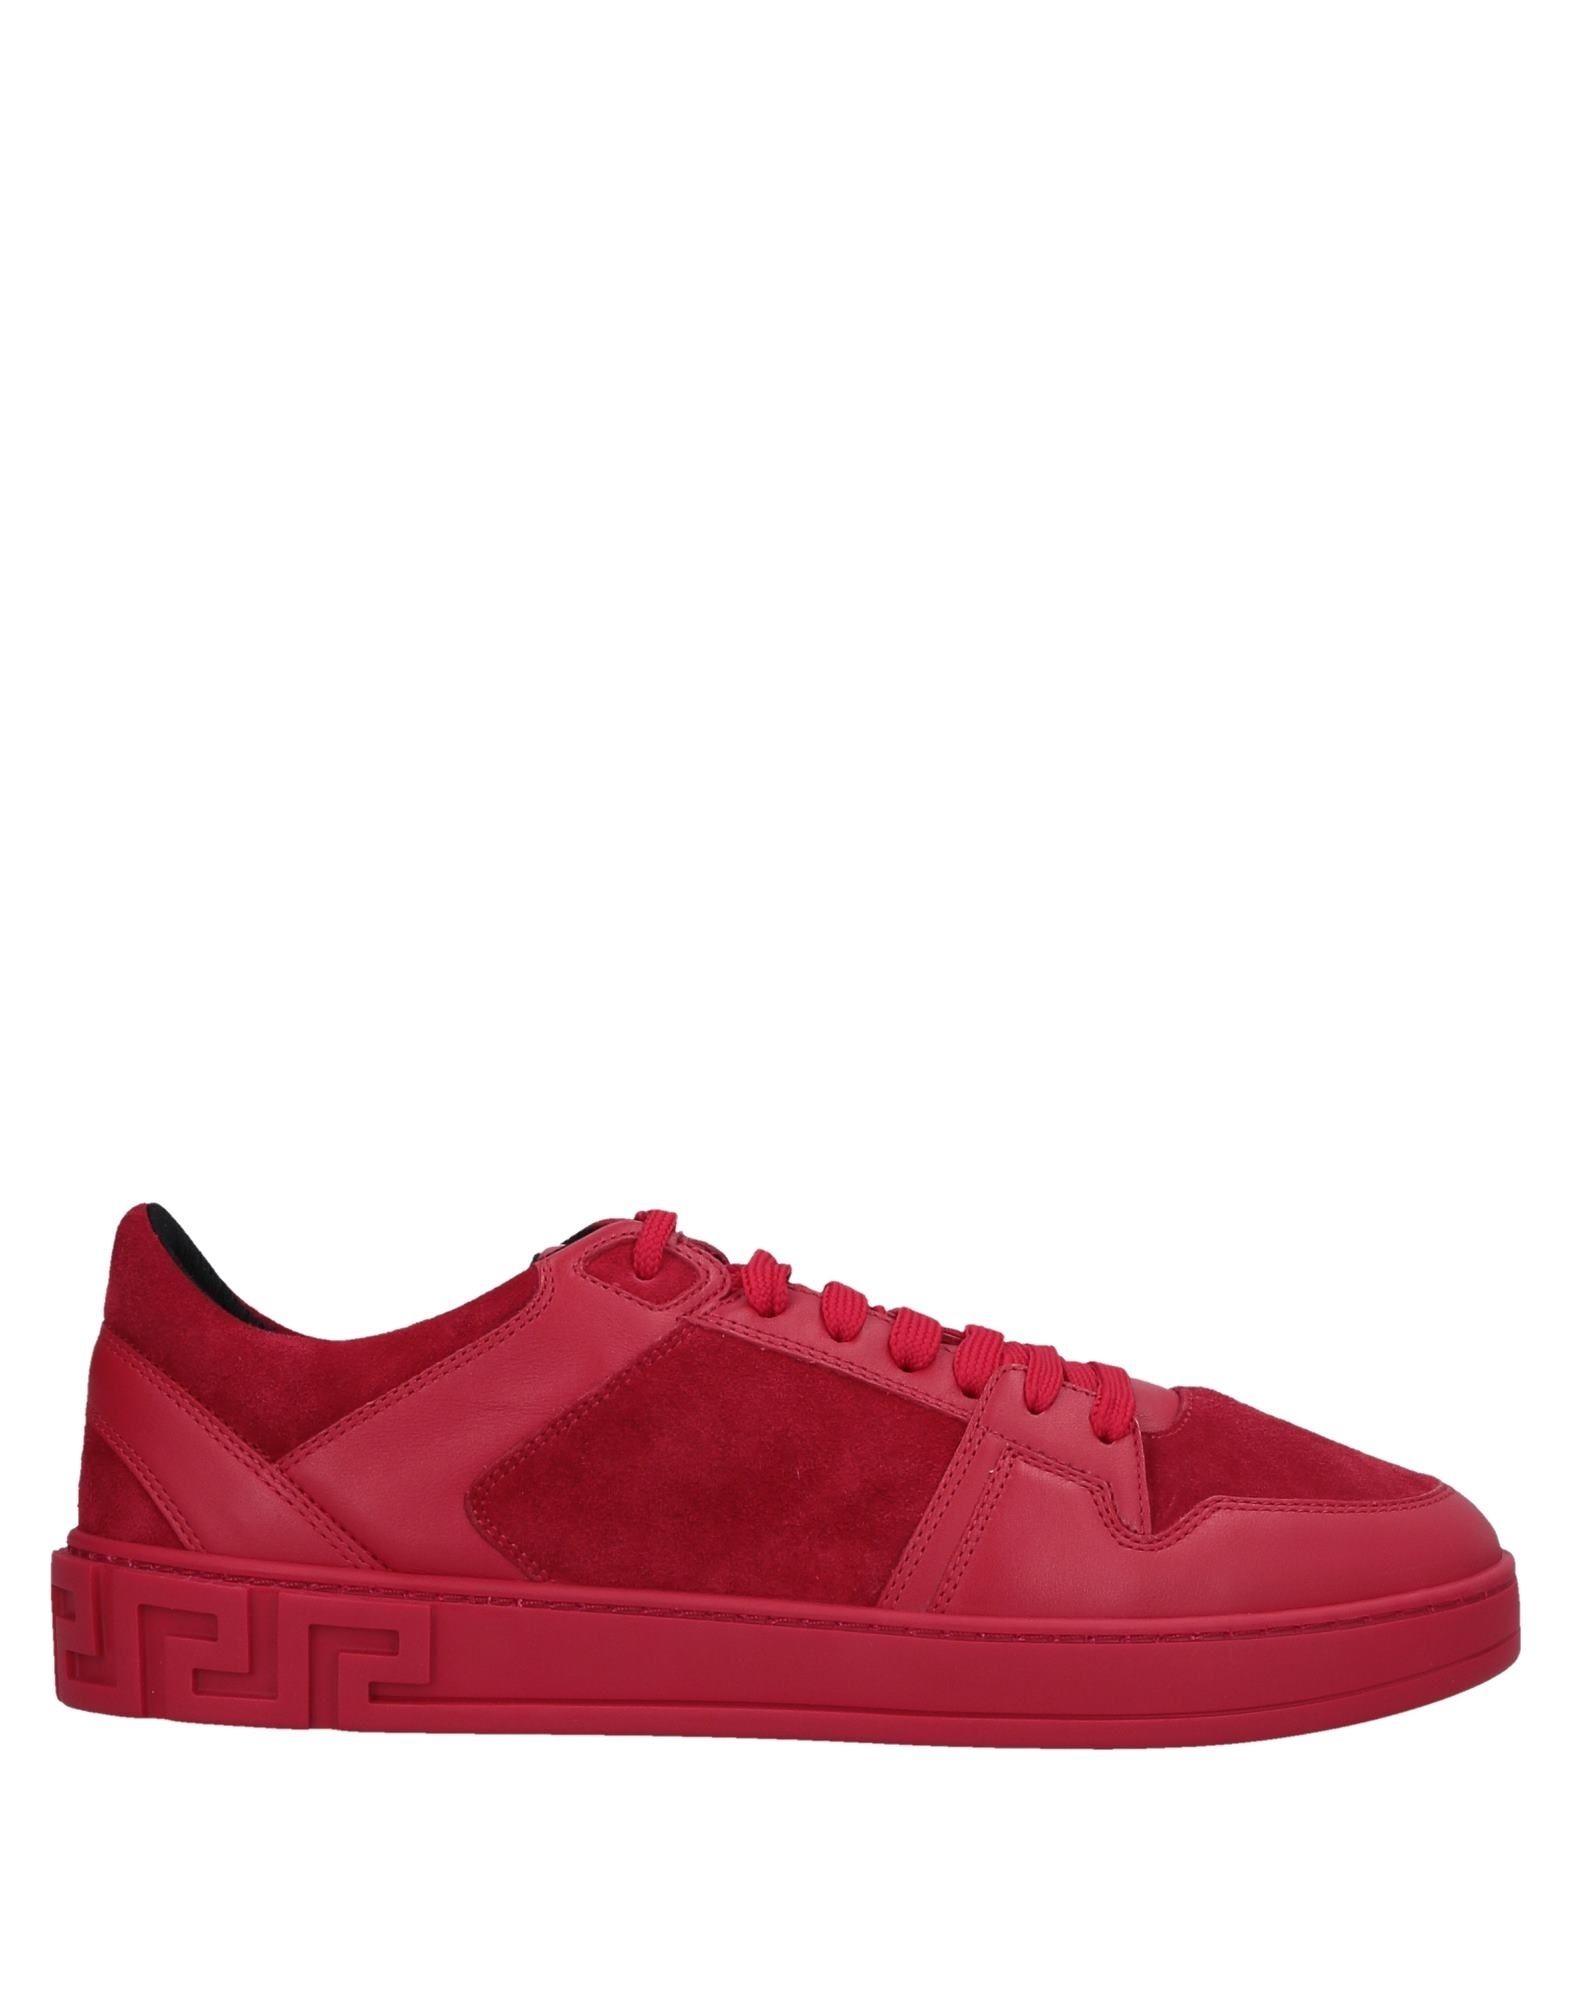 Versace Sneakers Herren  11532647BG Gute Qualität beliebte Schuhe